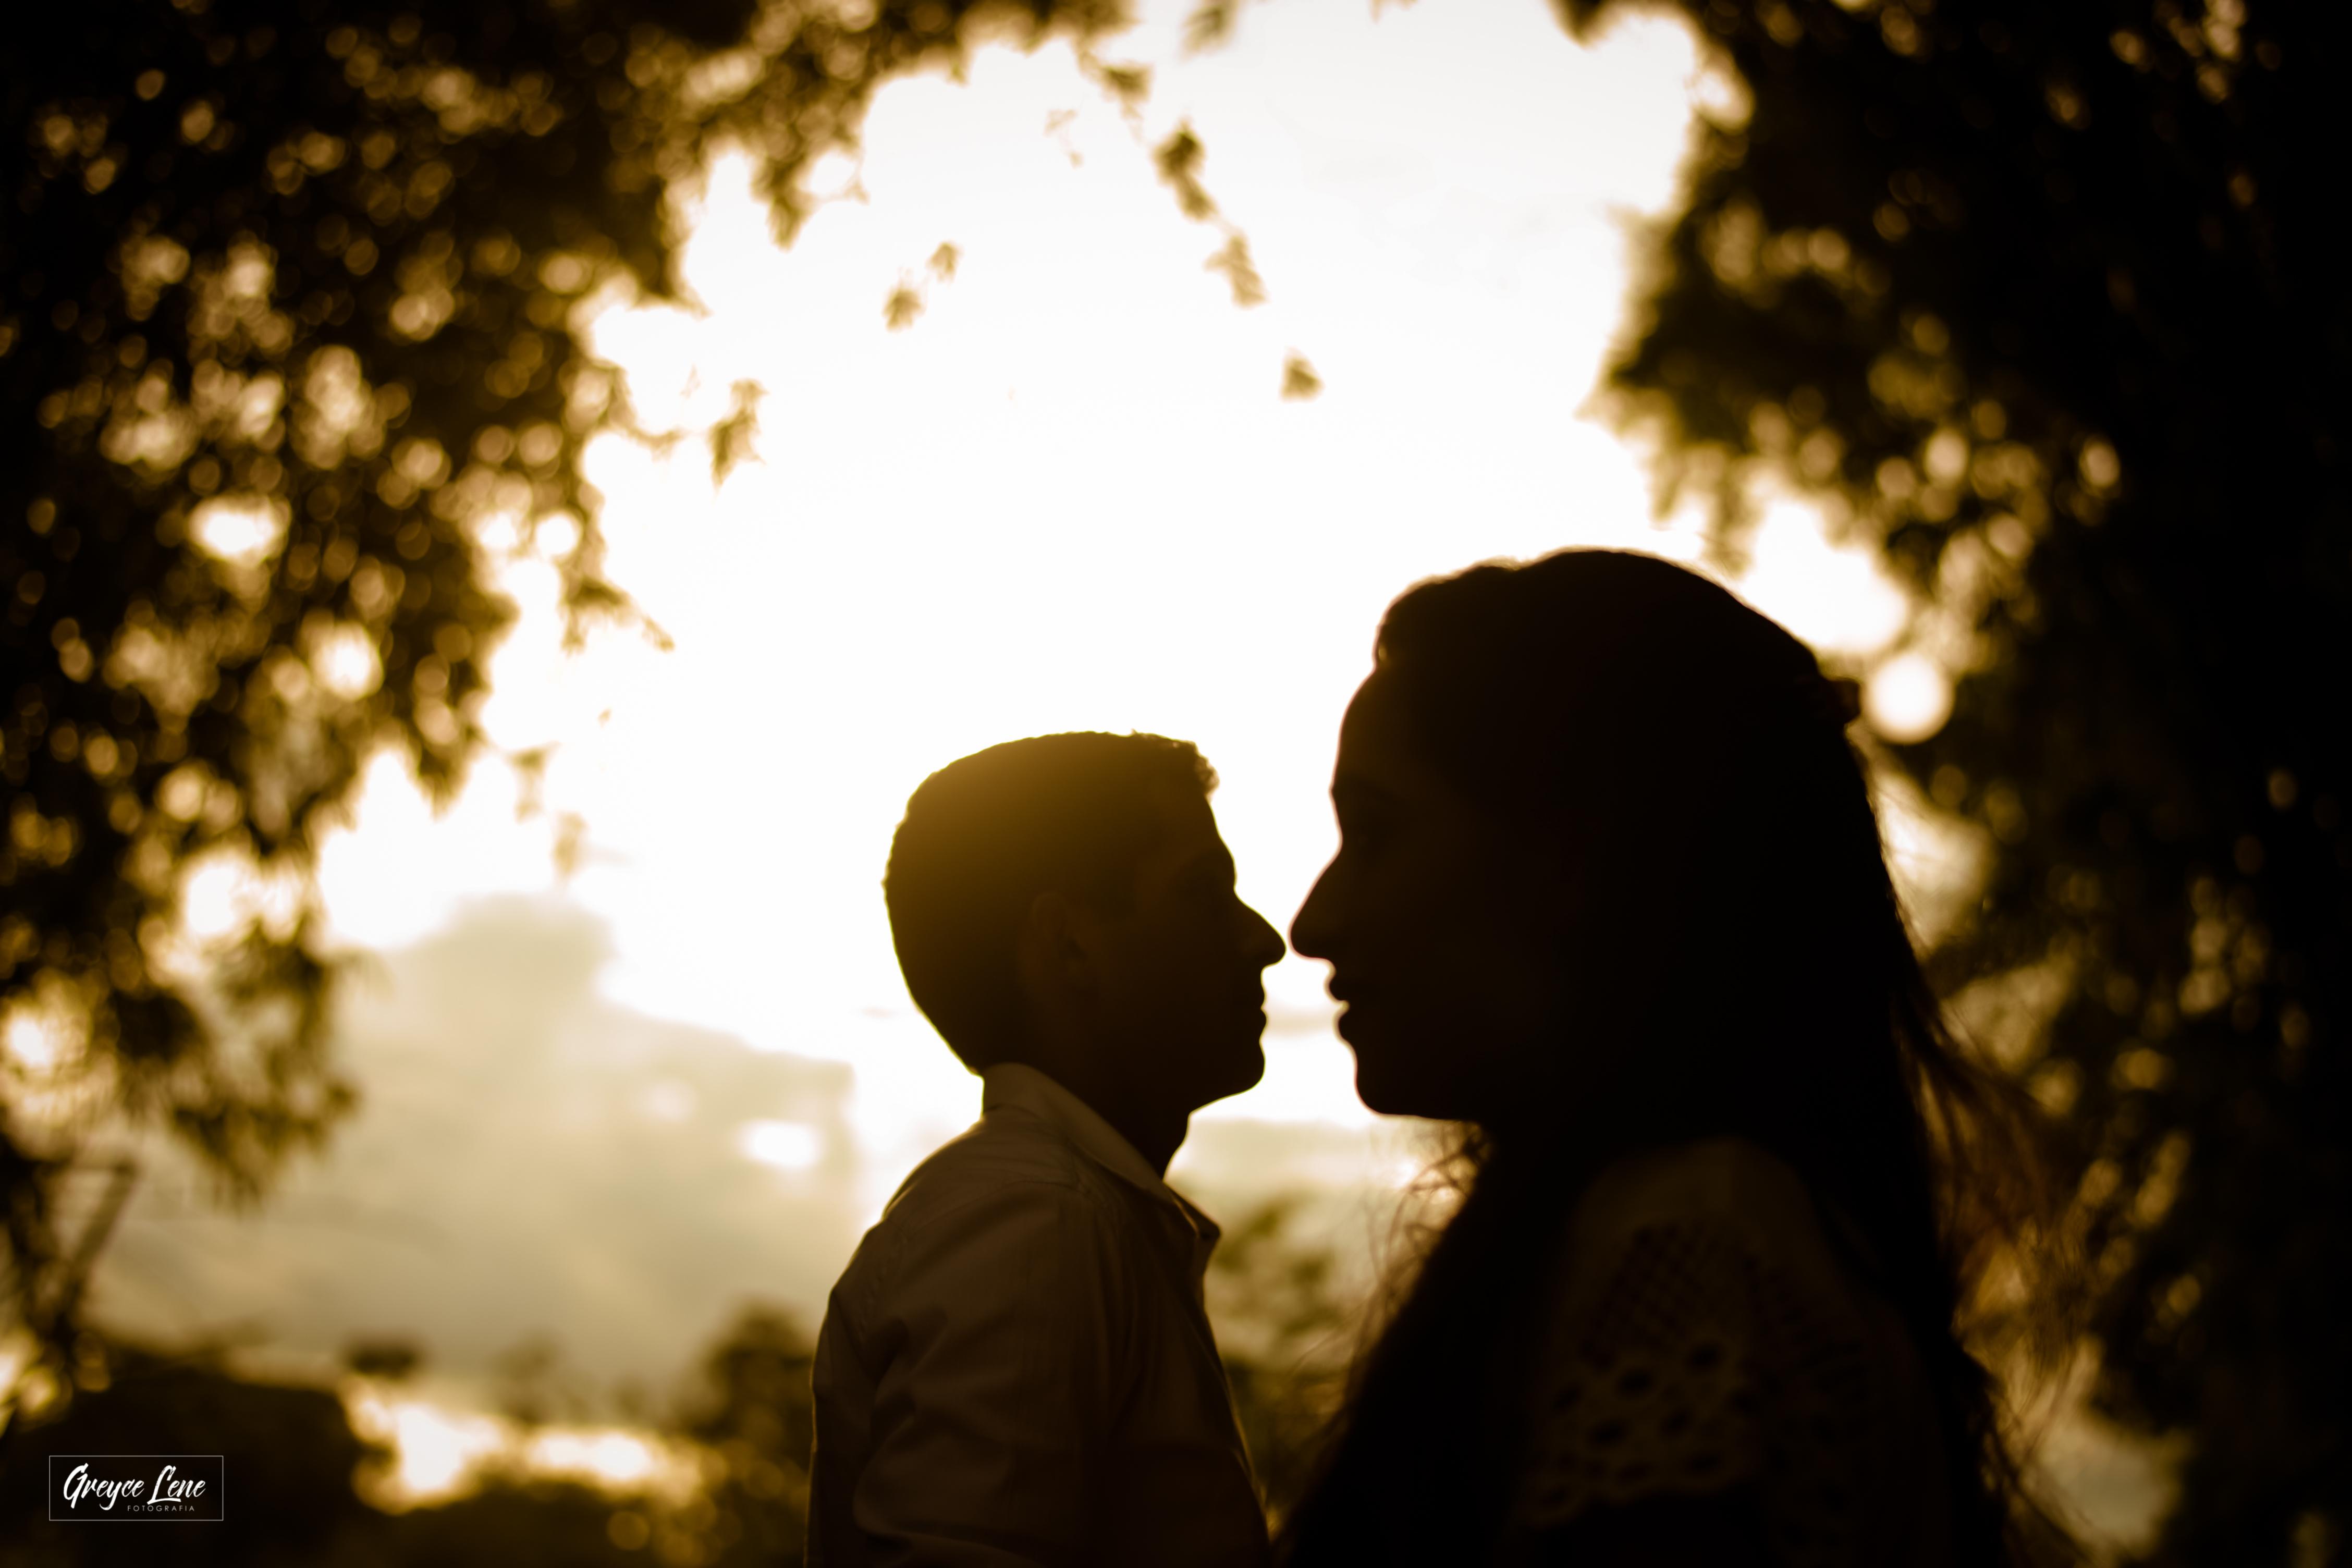 Contate Greyce Lene - Fotógrafa de Casamentos e Ensaios em Porto Velho RO